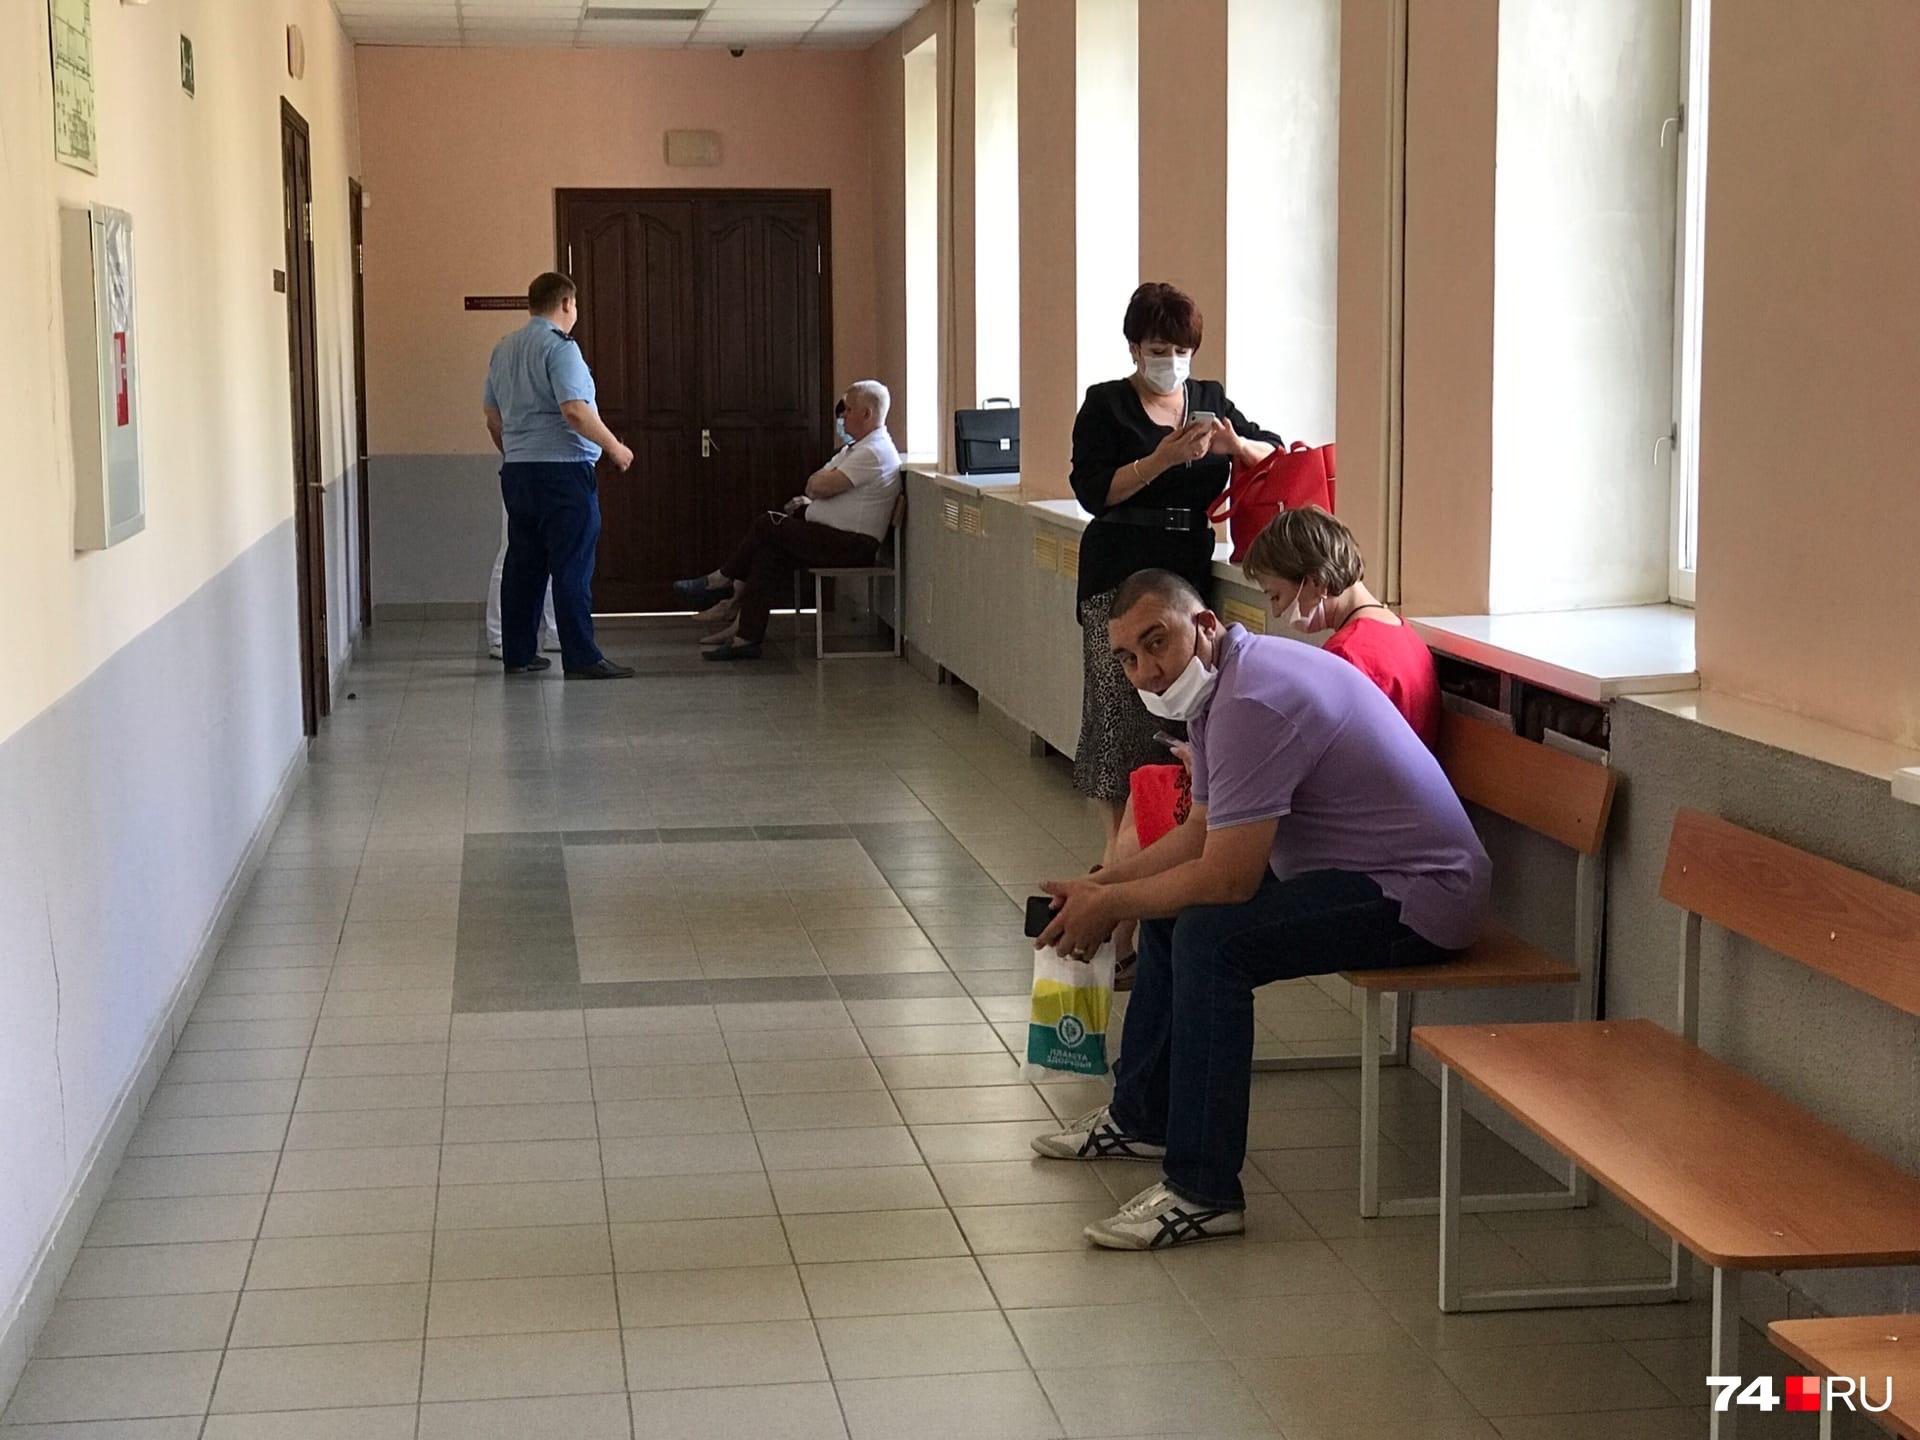 Процесс по этому делу открытый, но из-за пандемии коронавируса журналистов не пускают в зал суда — присутствовать на заседании могут лишь участники процесса